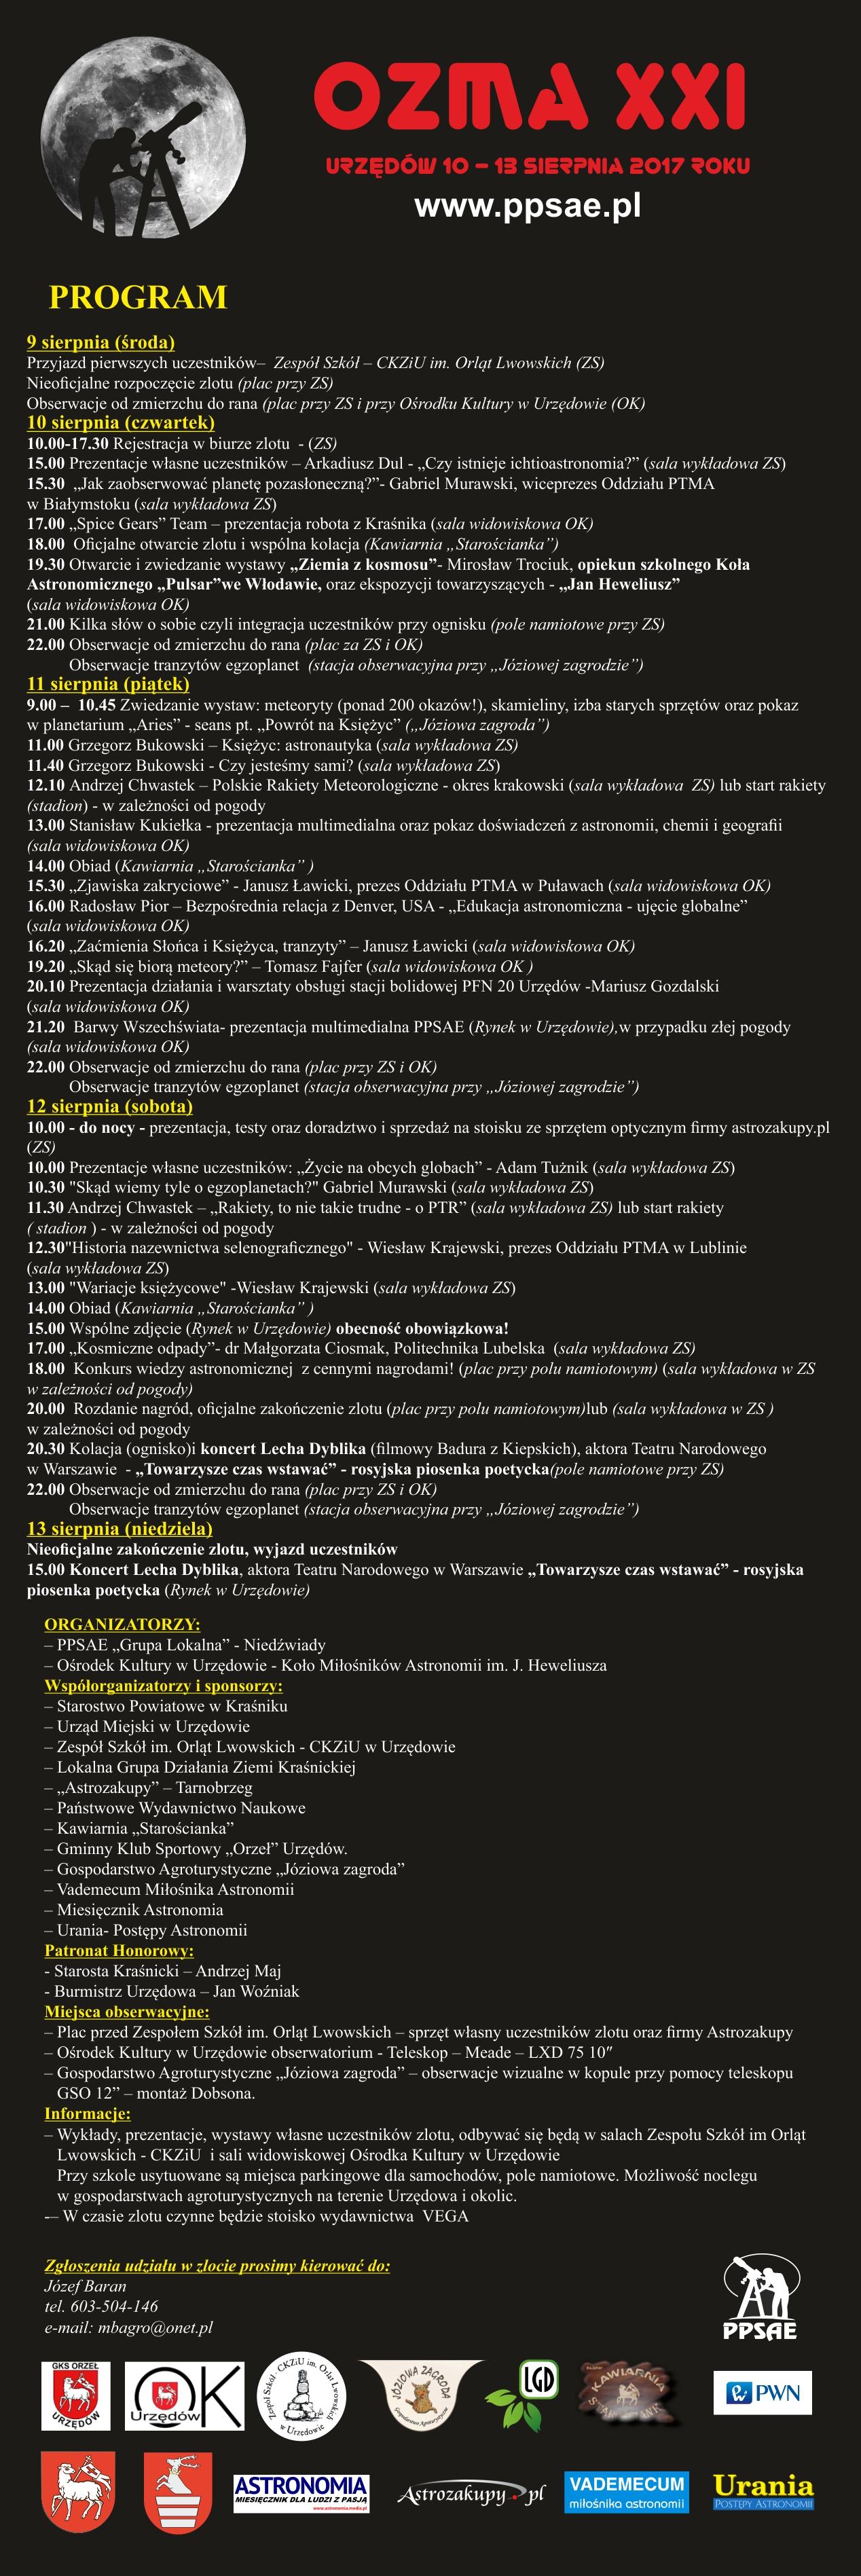 program2107 150dpi